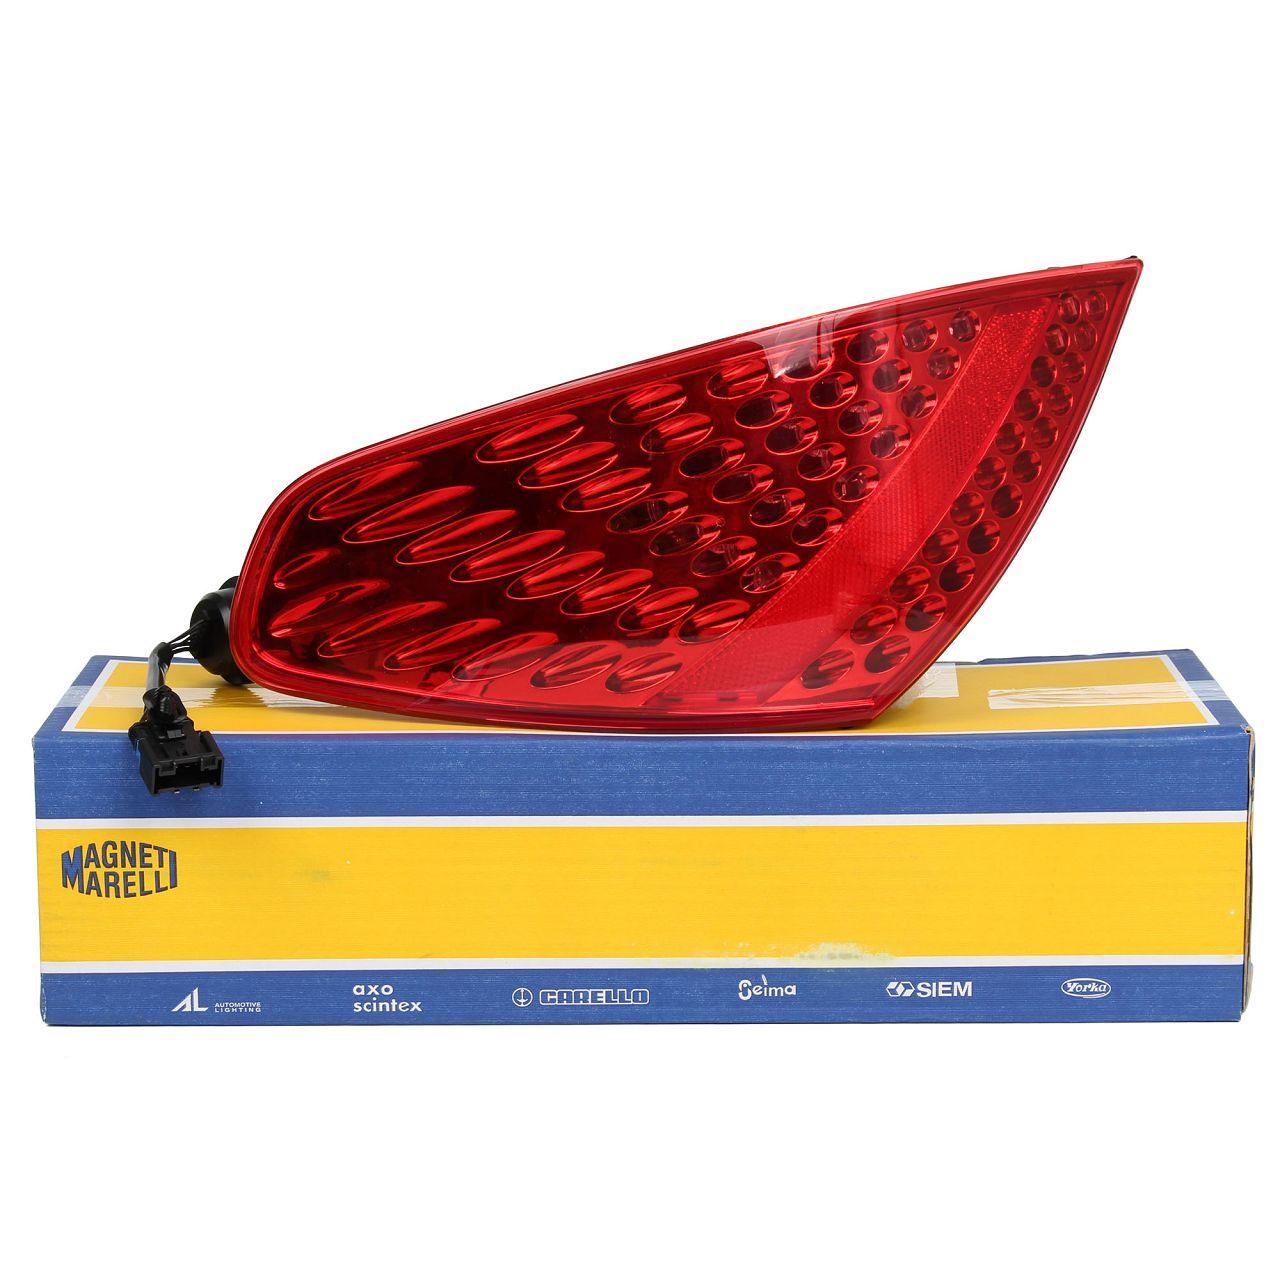 MAGNETI MARELLI Heckleuchte Rückleuchte LED für PEUGEOT 307 CC aussen rechts